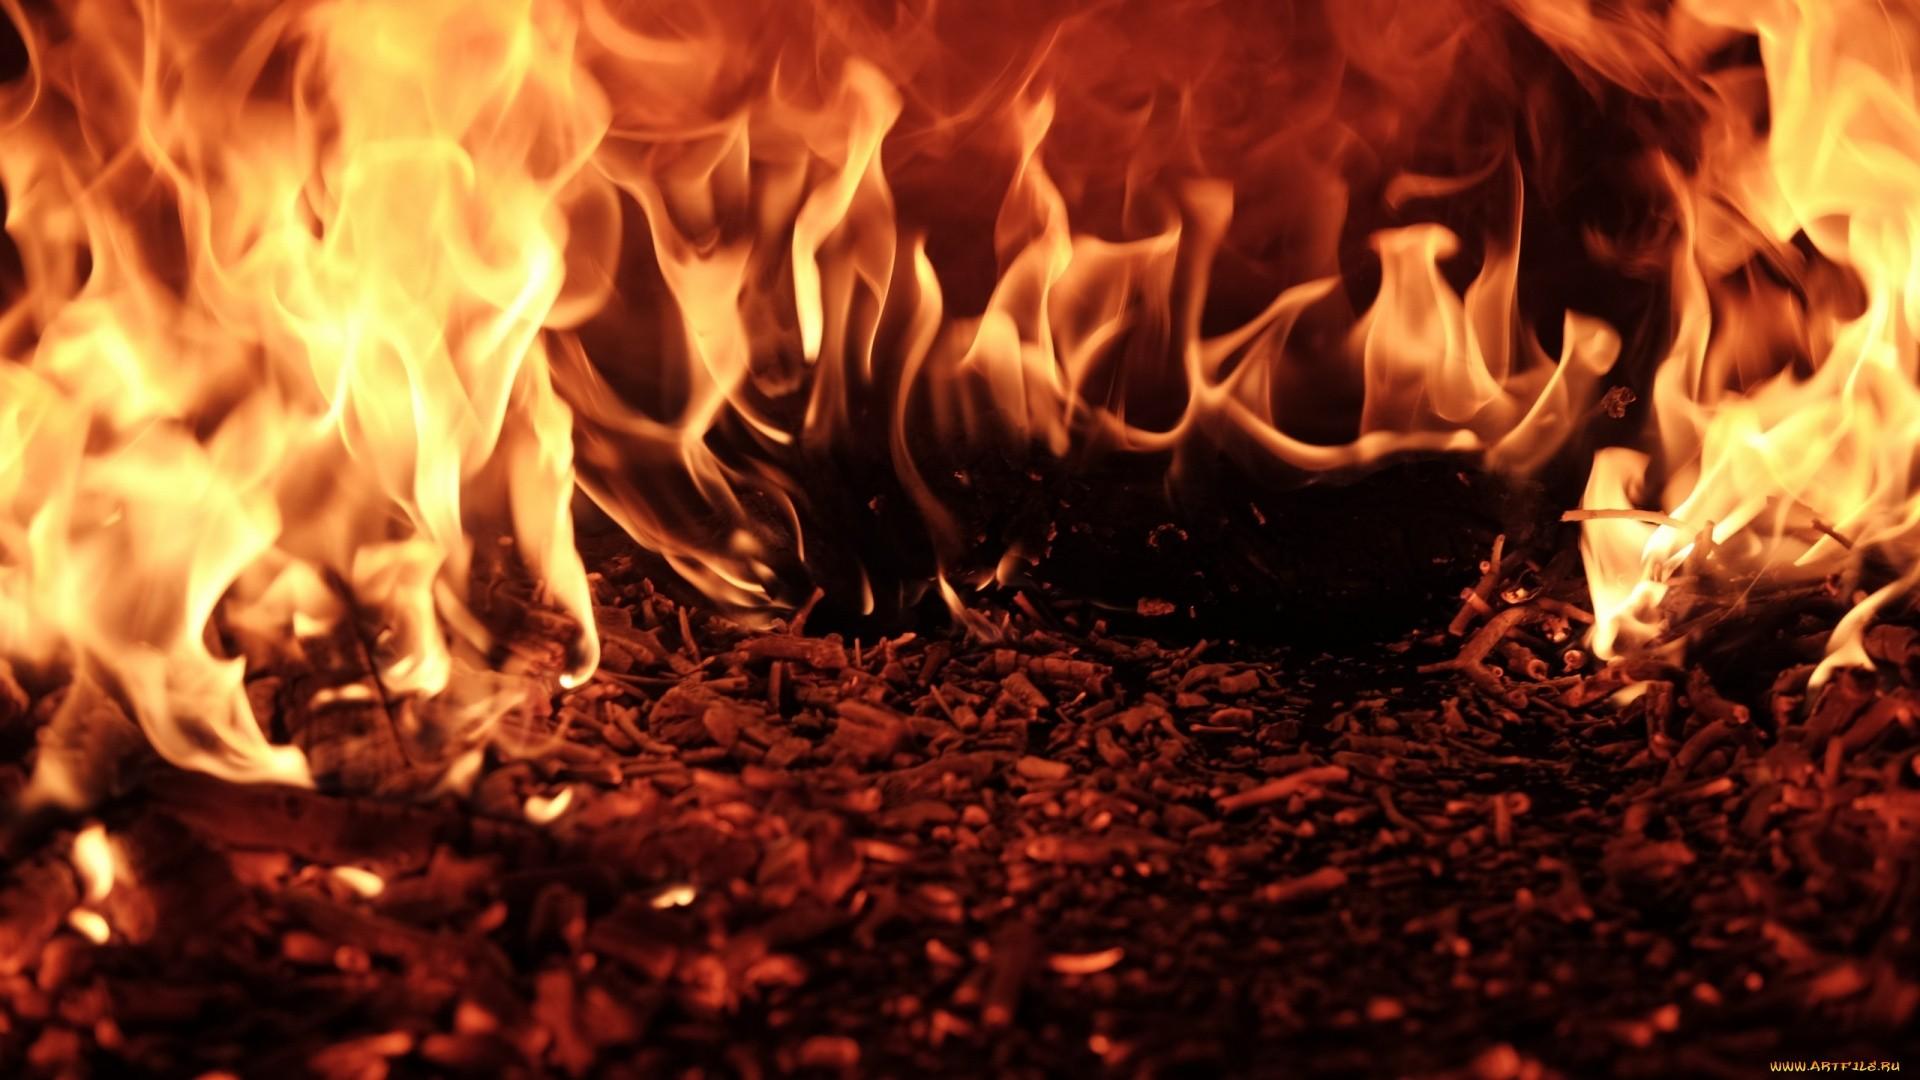 Flame Full HD Wallpaper